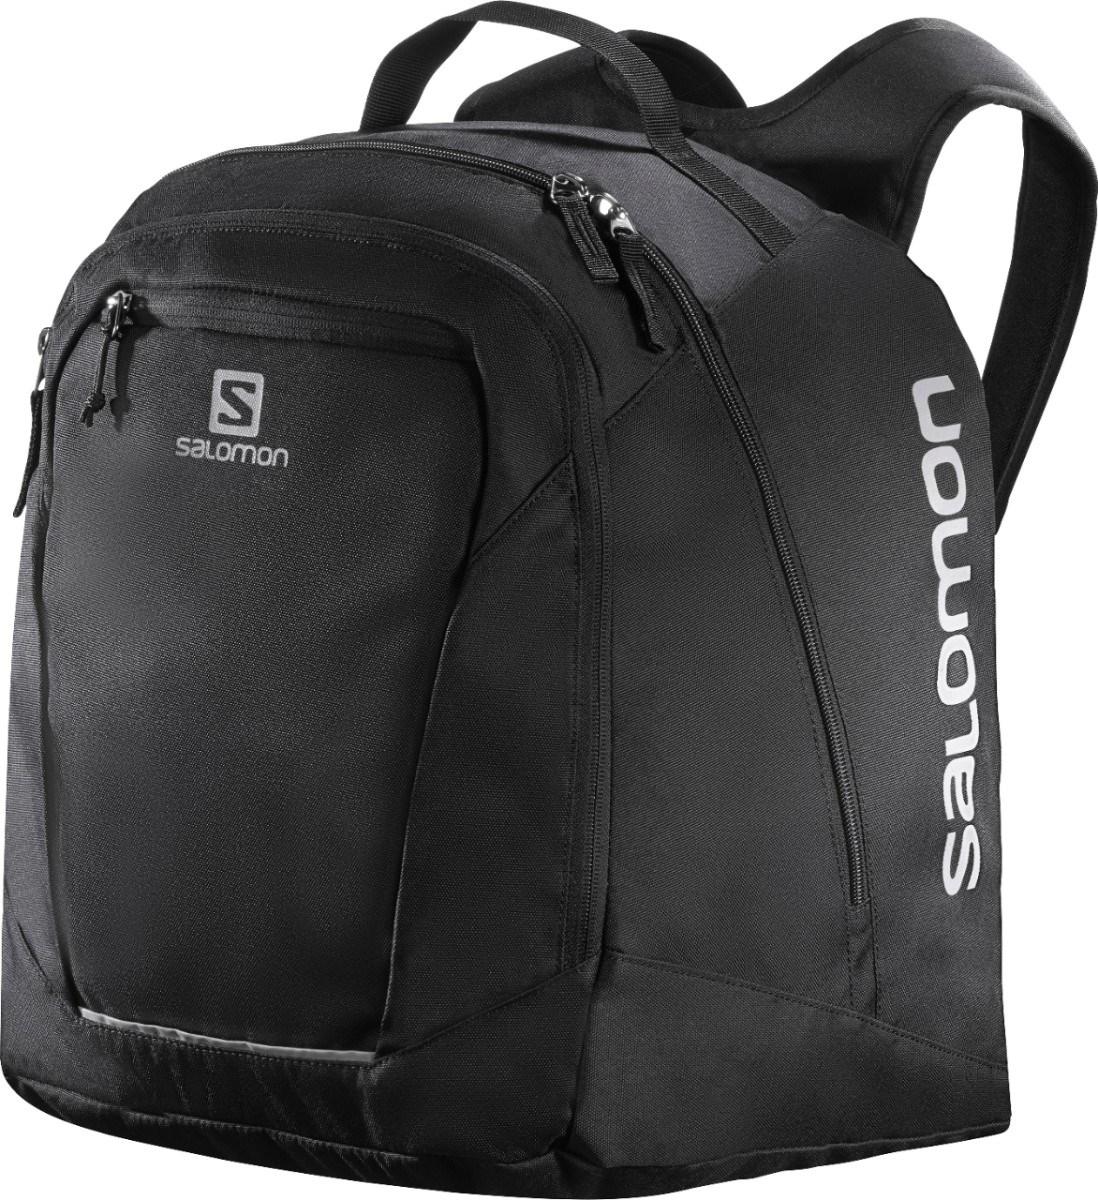 Ski Boot Bag >> Salomon Original Gear Ski Boot Bag Backpack 2019 Black 42 00